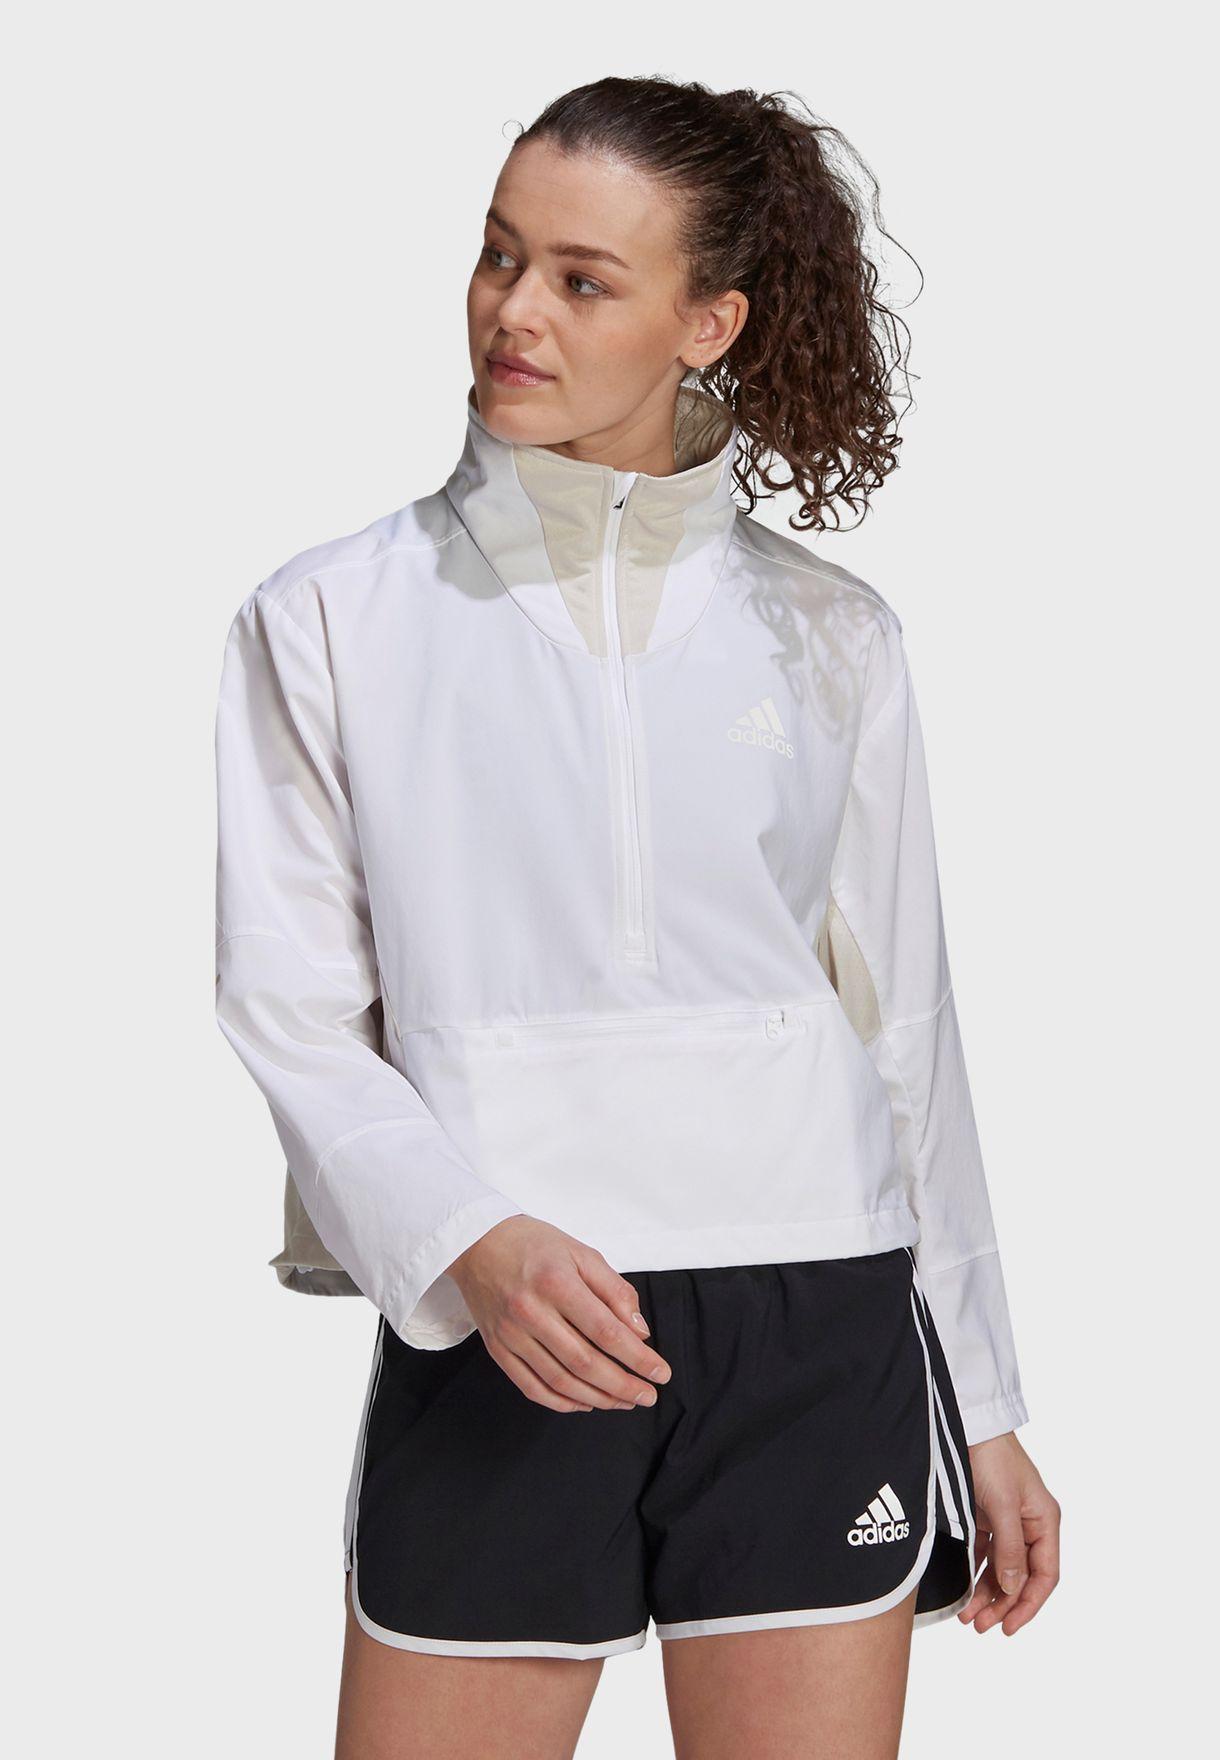 Adapt Primeblue Jacket